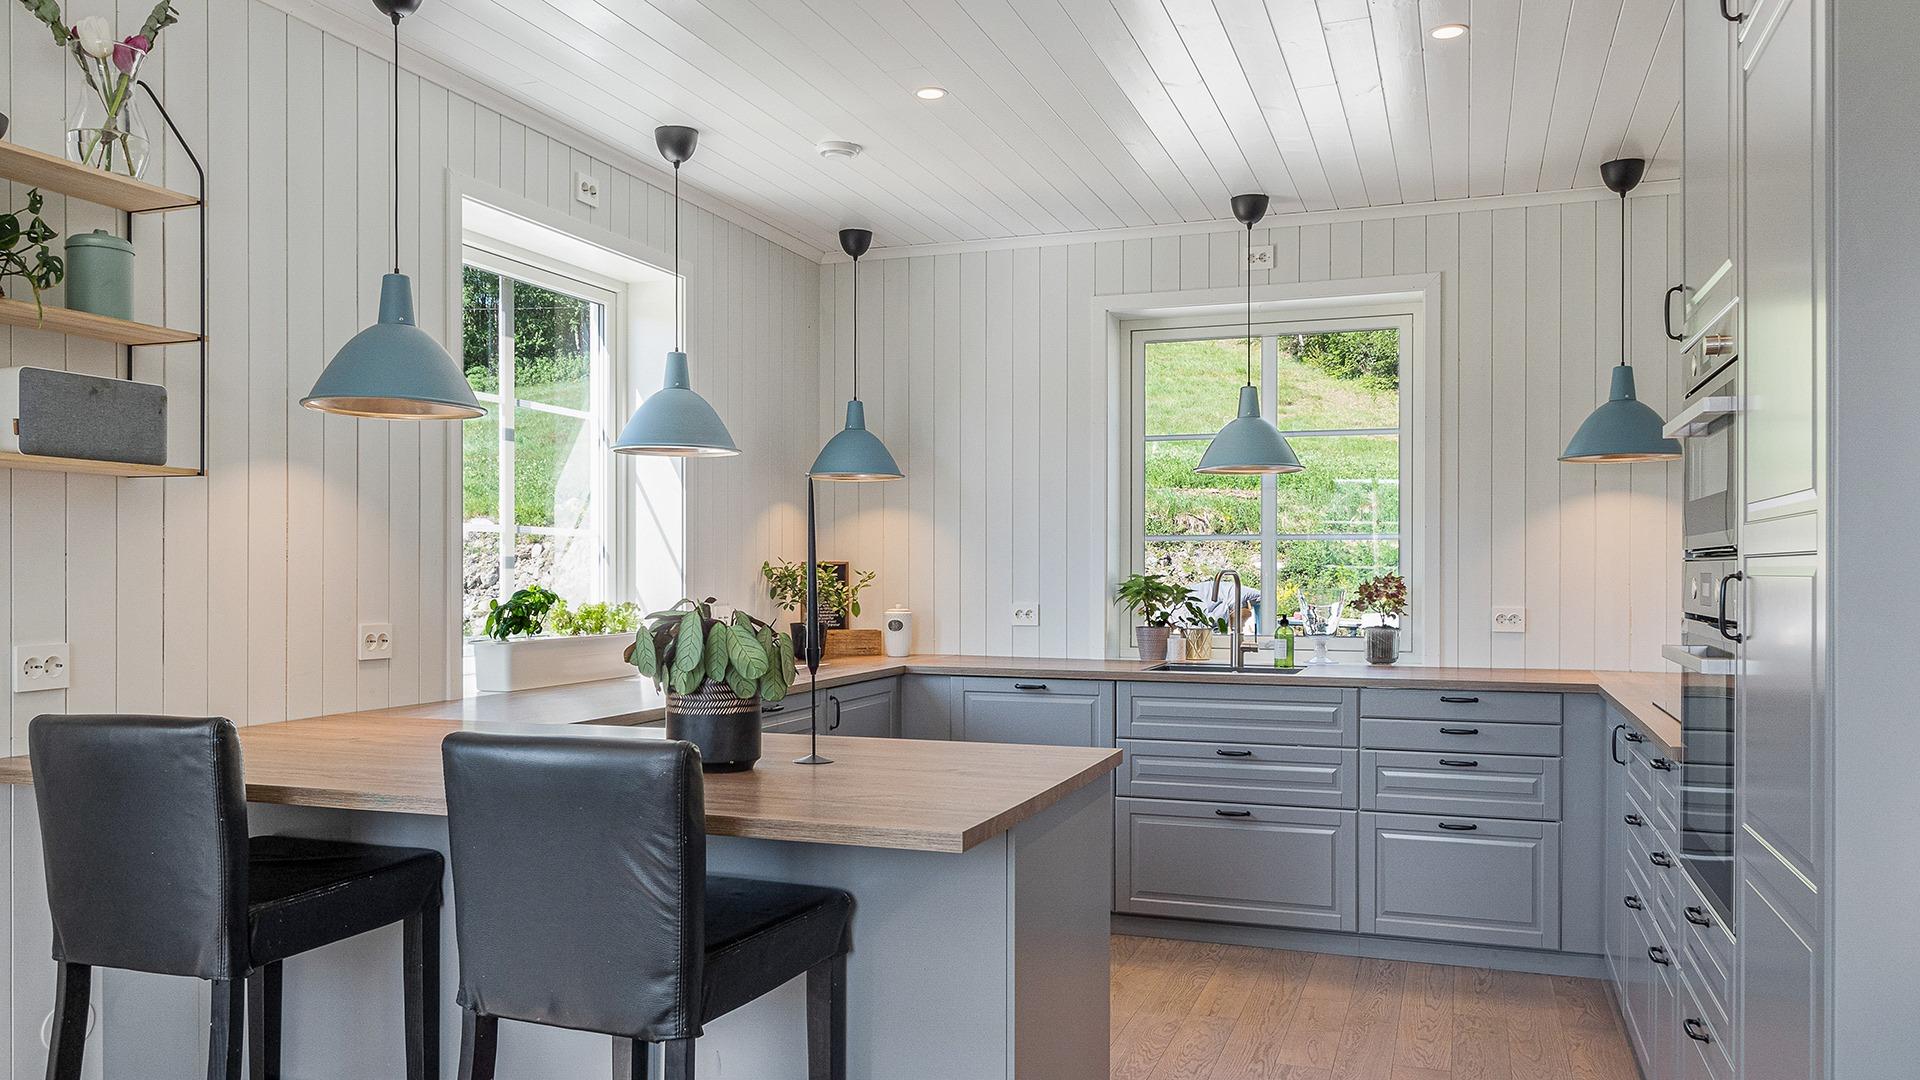 Ida og Andreas valgte å kjøpe og montere kjøkkenet selv. Egeninnsats er selvfølgelig en mulig løsning.